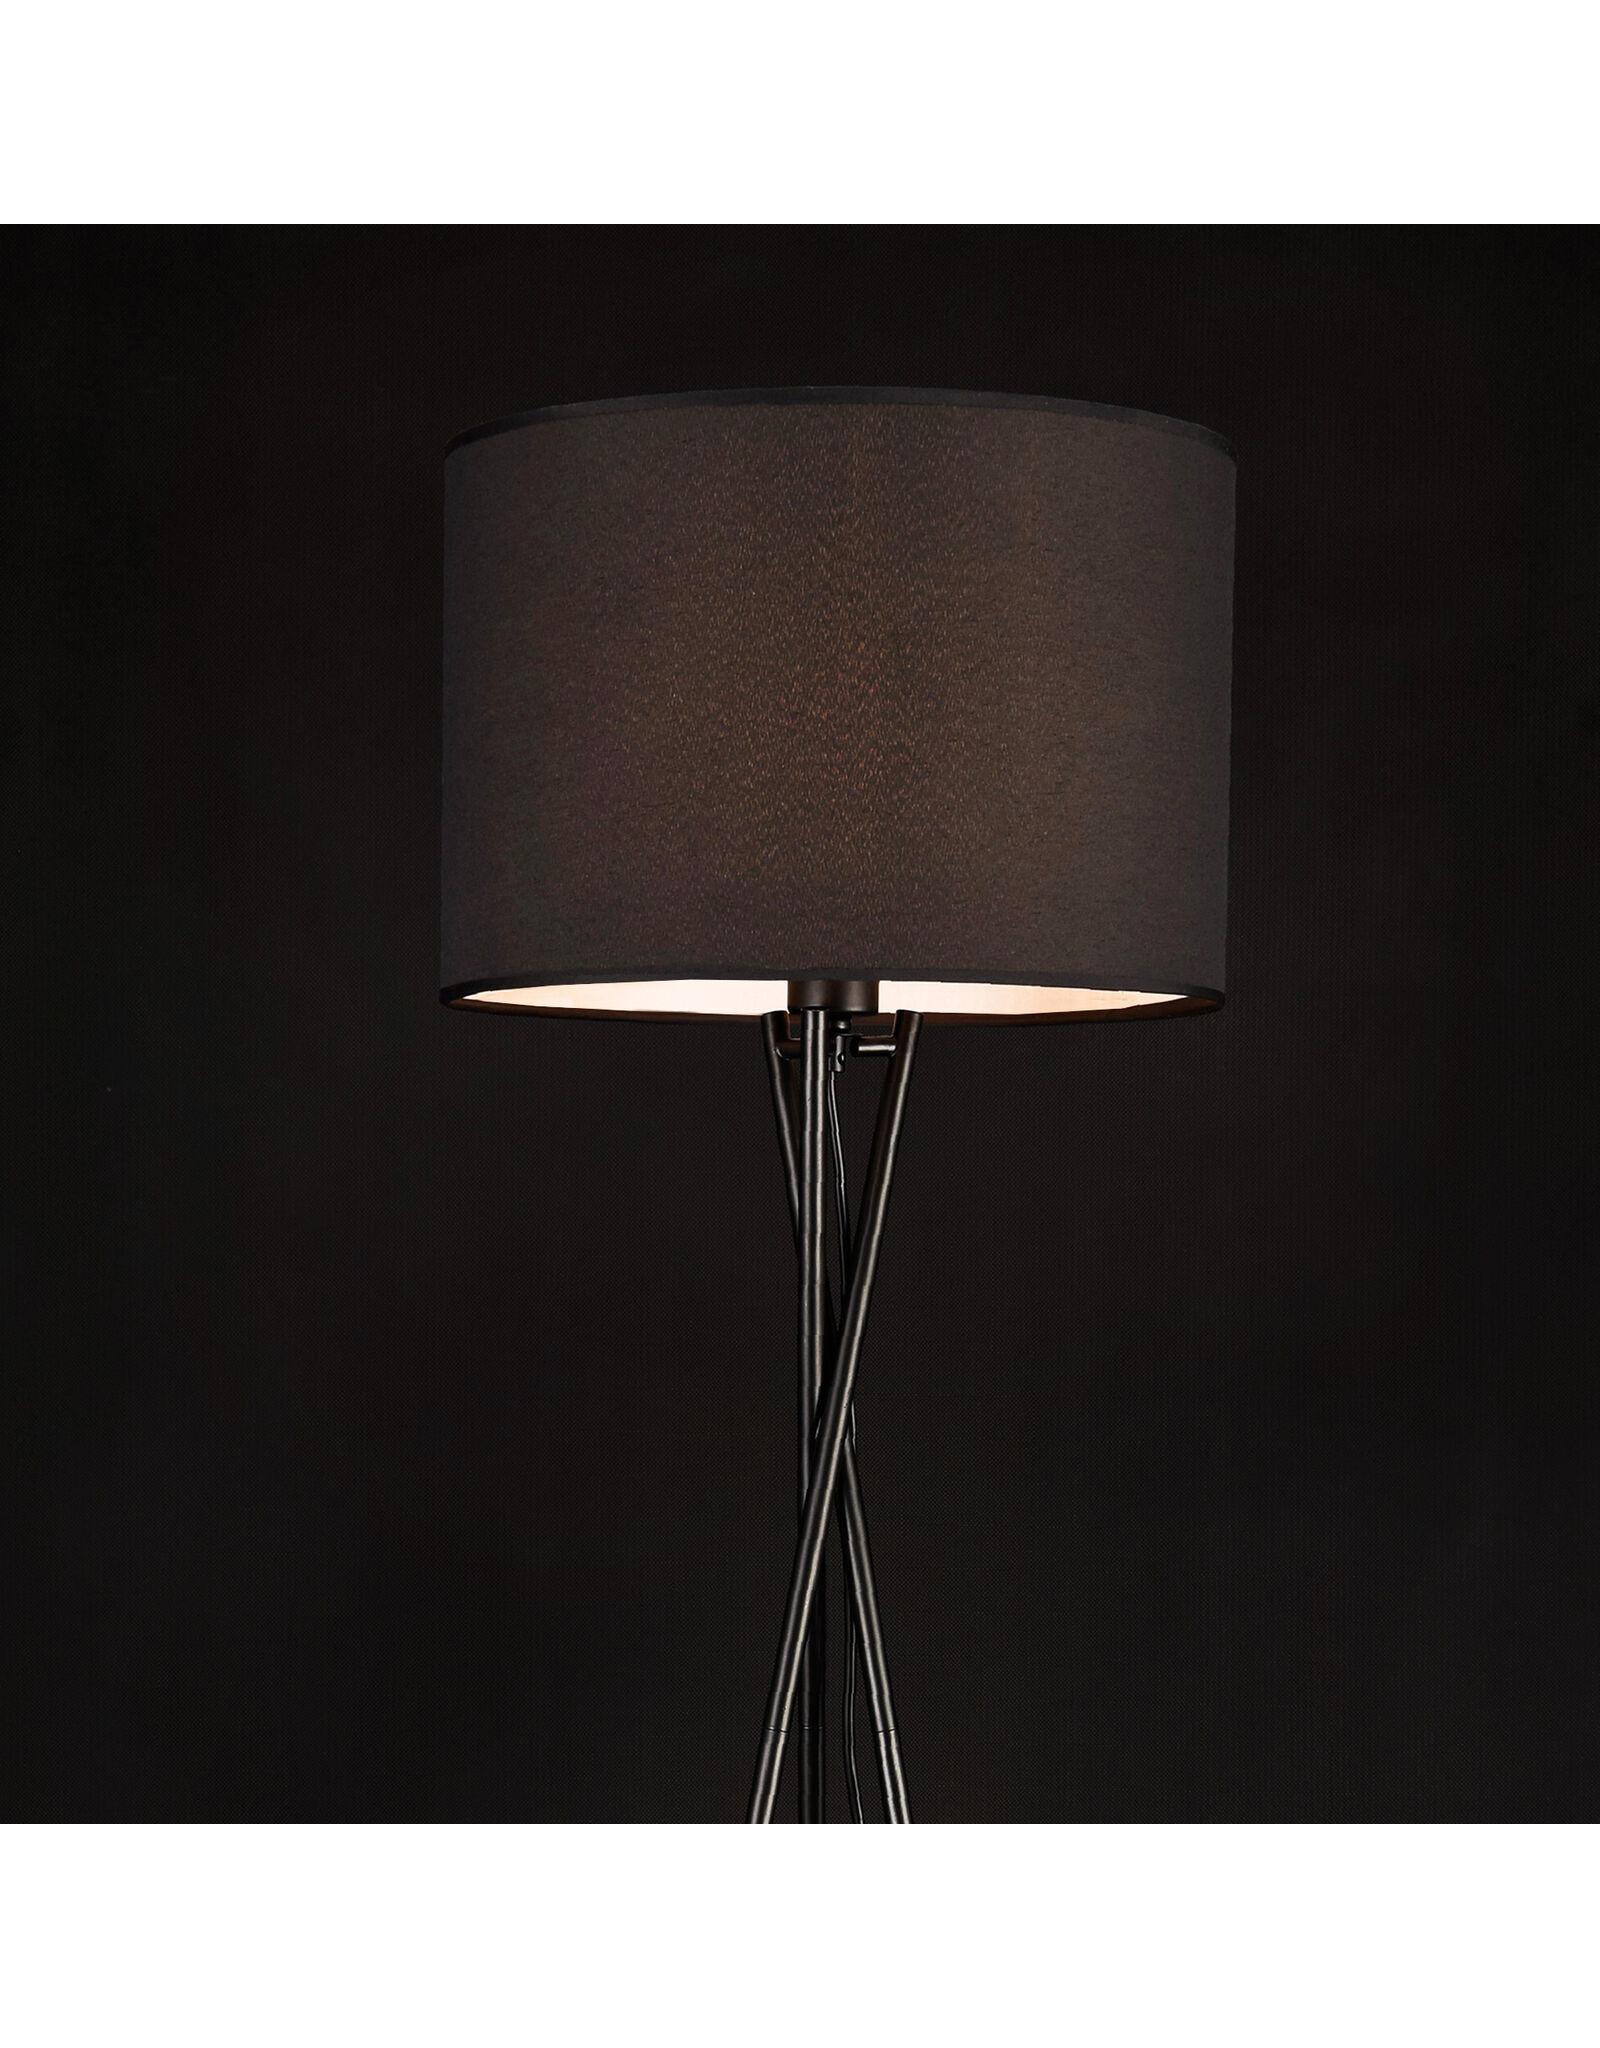 Staande lamp, vloerlamp 154 cm